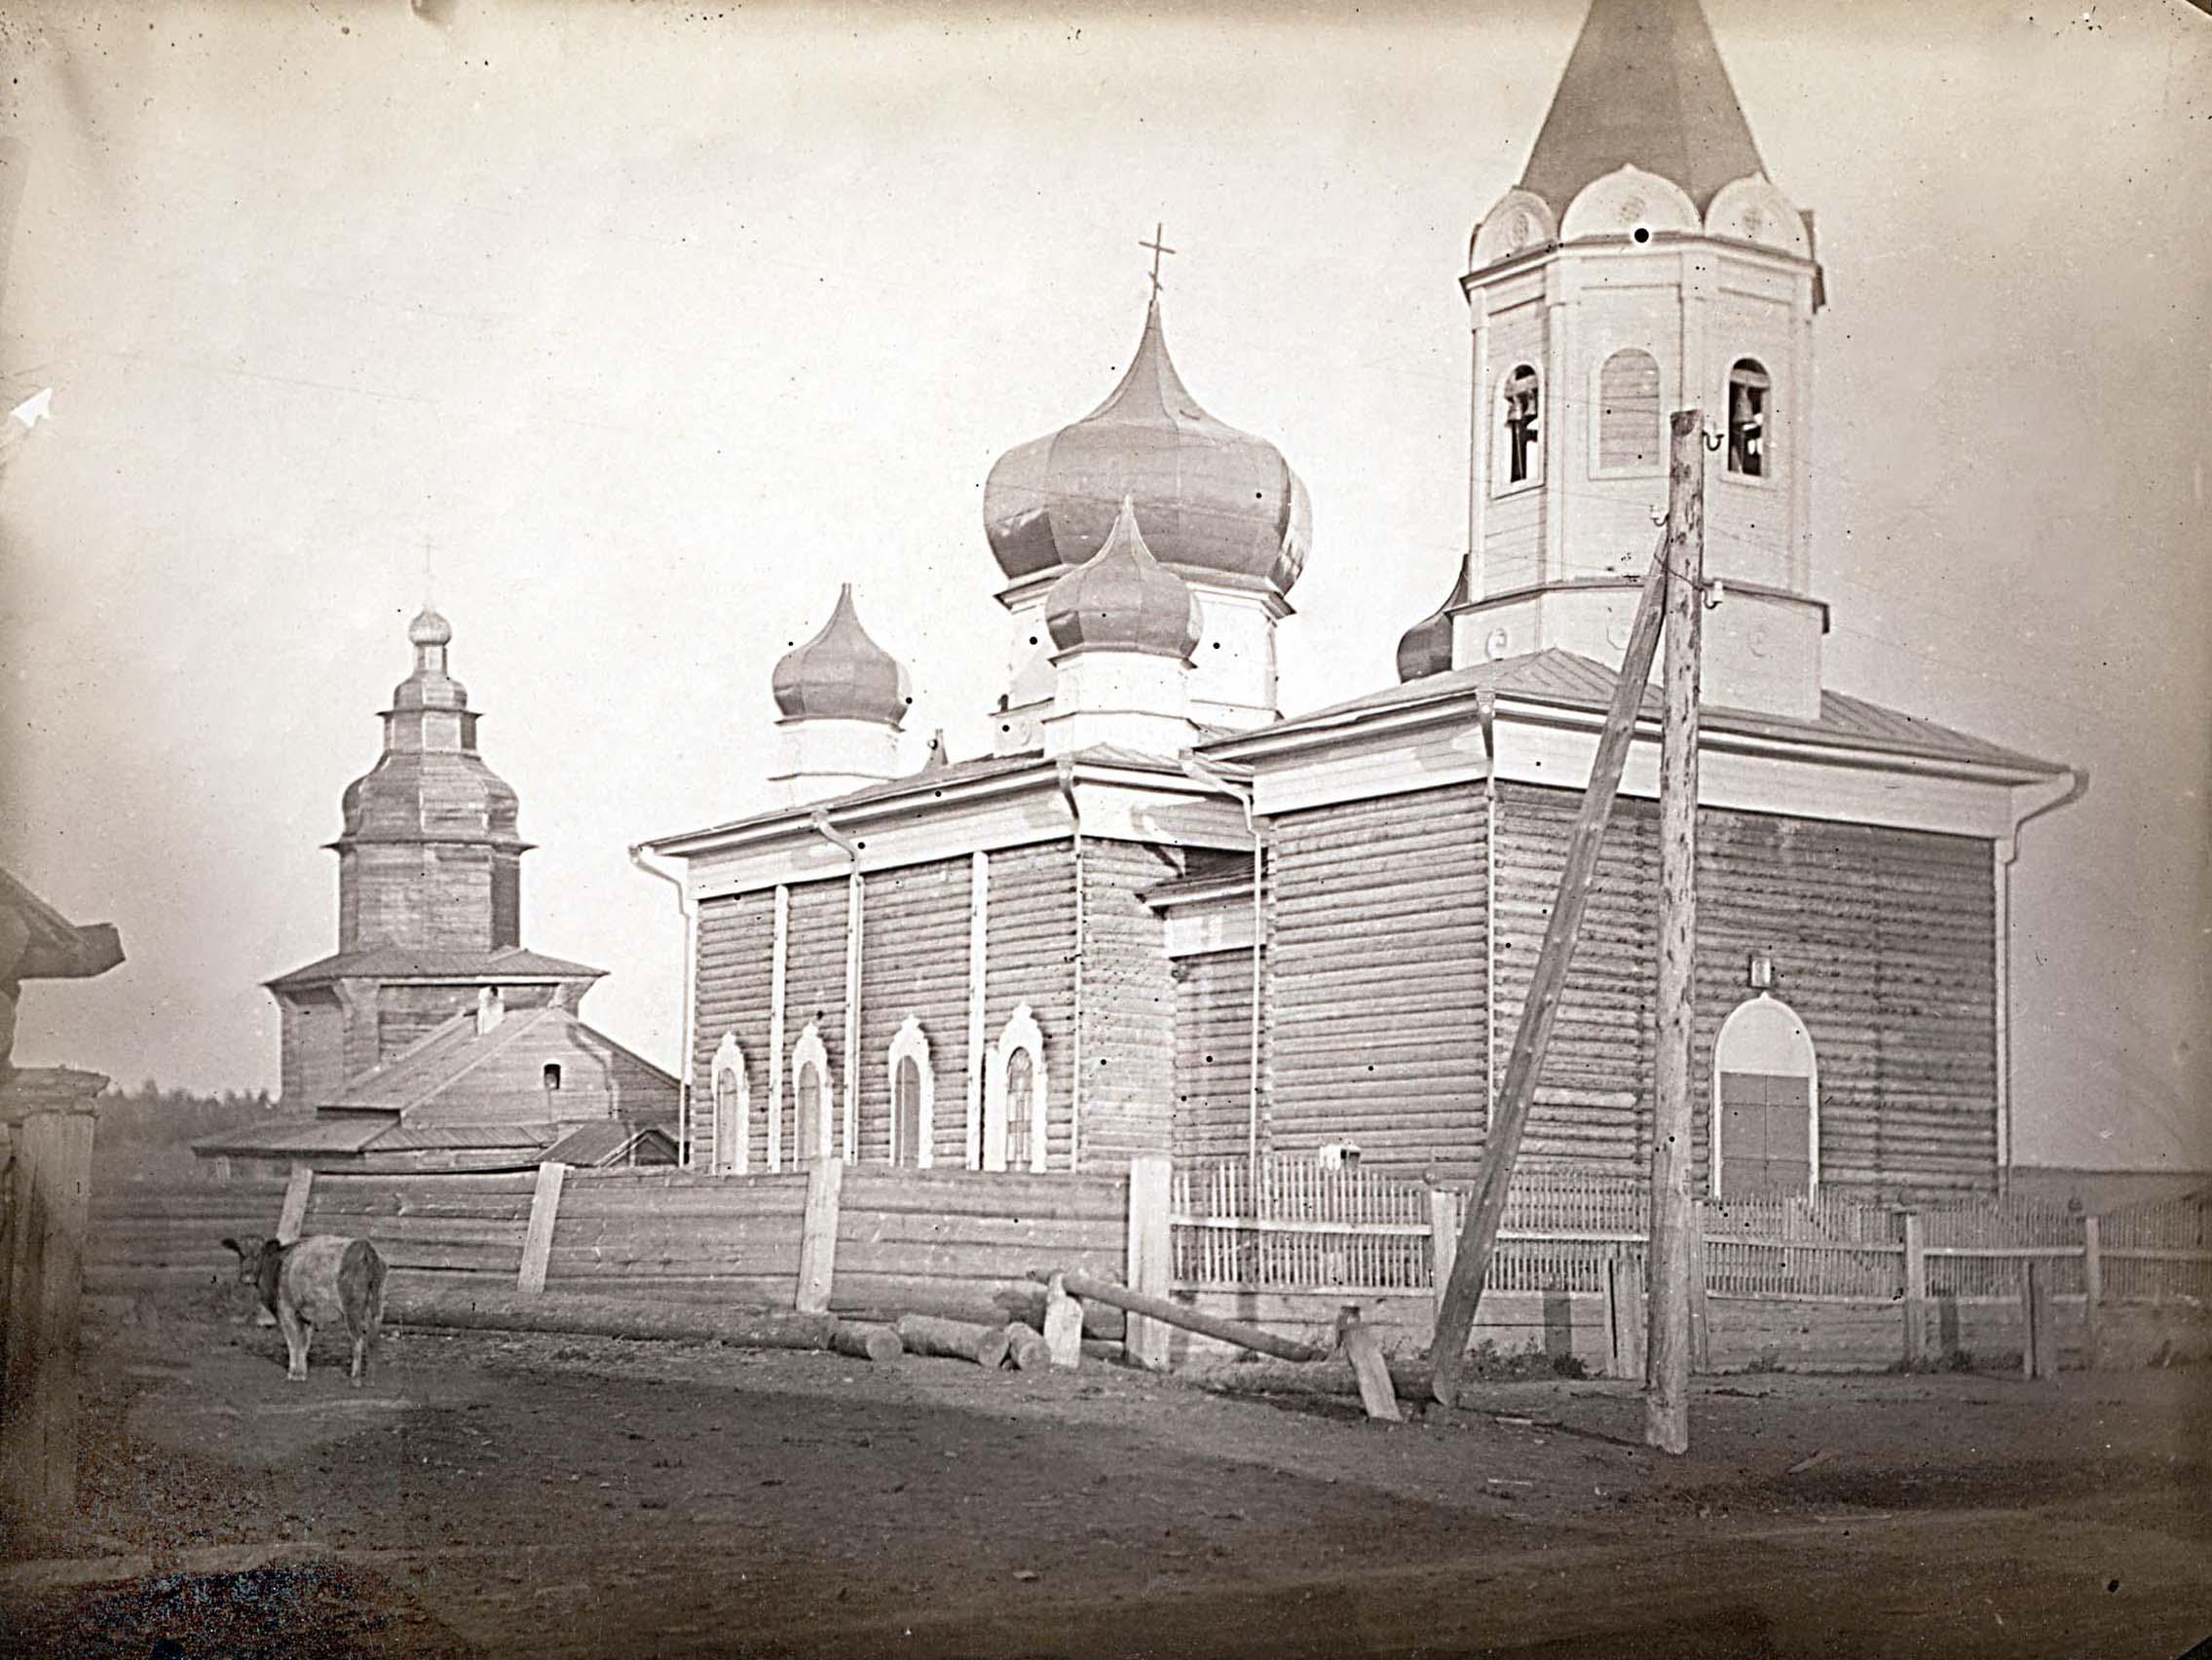 Окрестности города. Церковь в небольшой деревне недалеко от Иркутска. 1860-е.